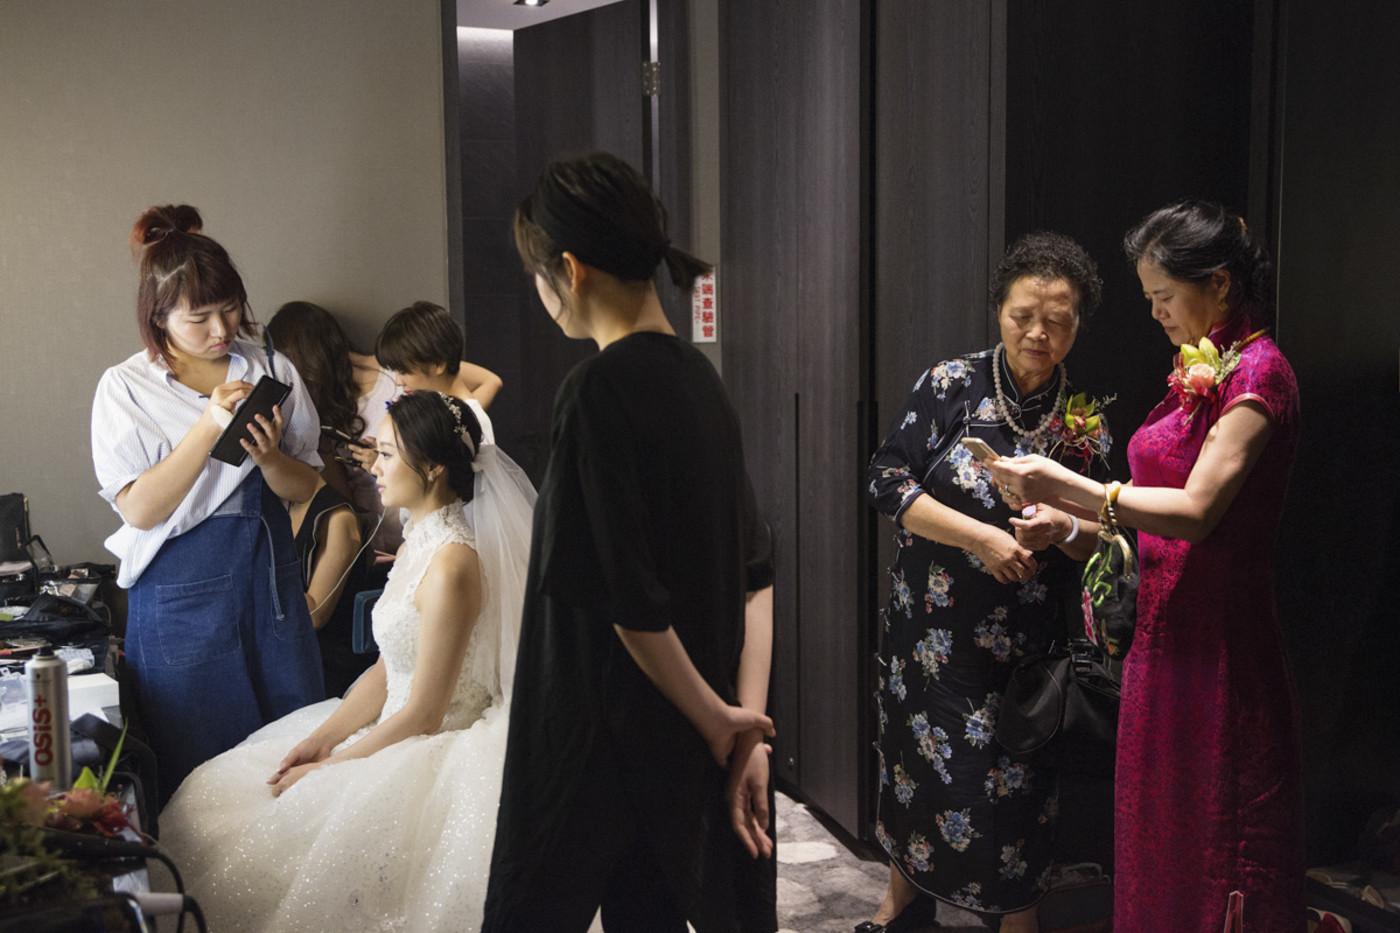 「KAI 婚礼纪实」一场来自宝岛台湾的婚礼25